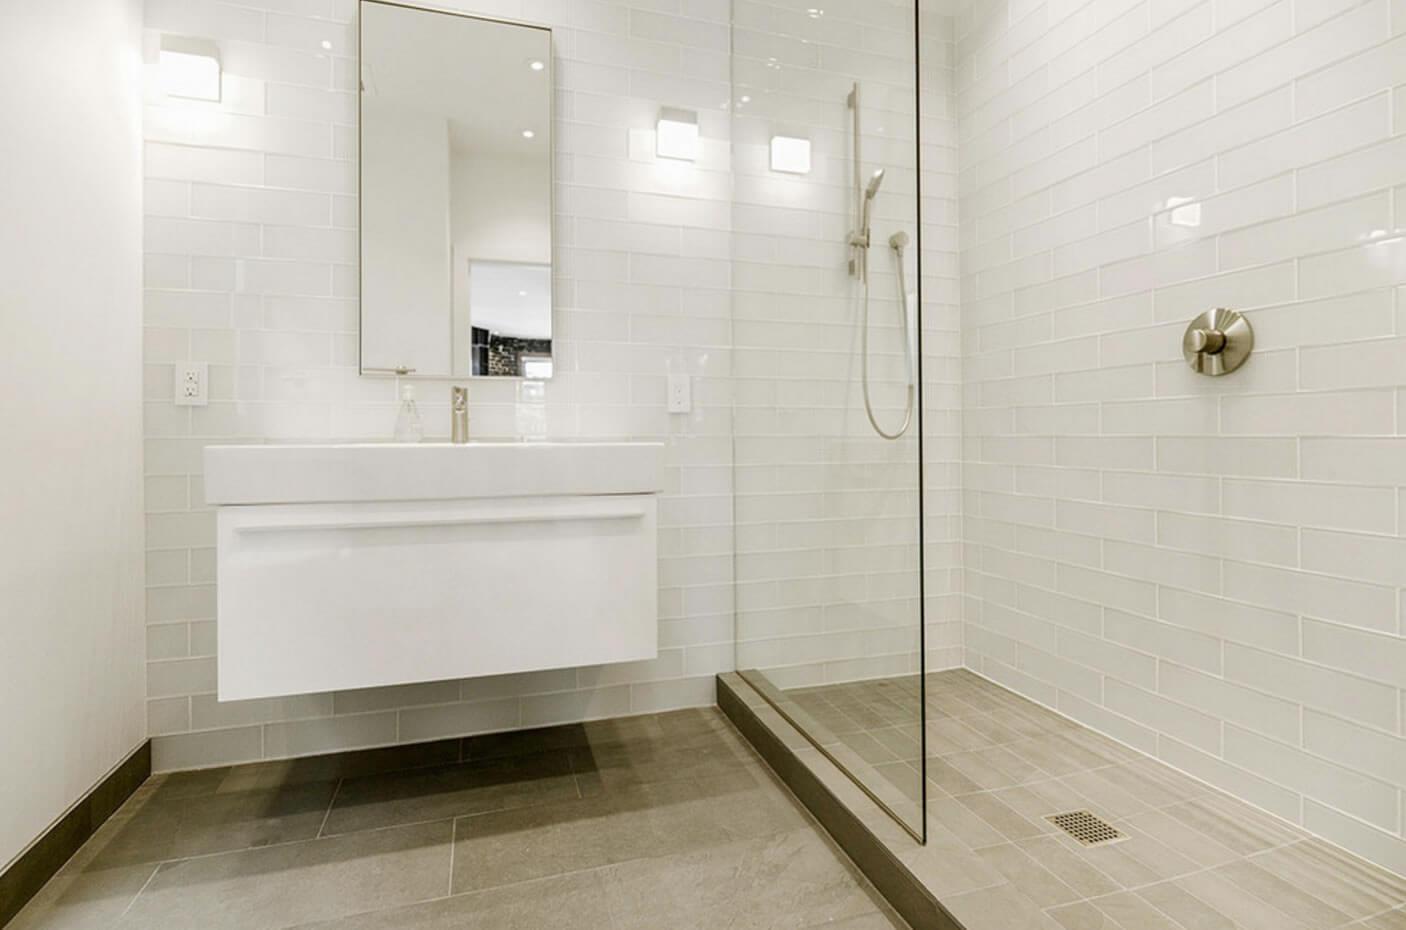 ideias interessantes de banheiros revestidos com pastilhas de vidro #332C15 1406 930